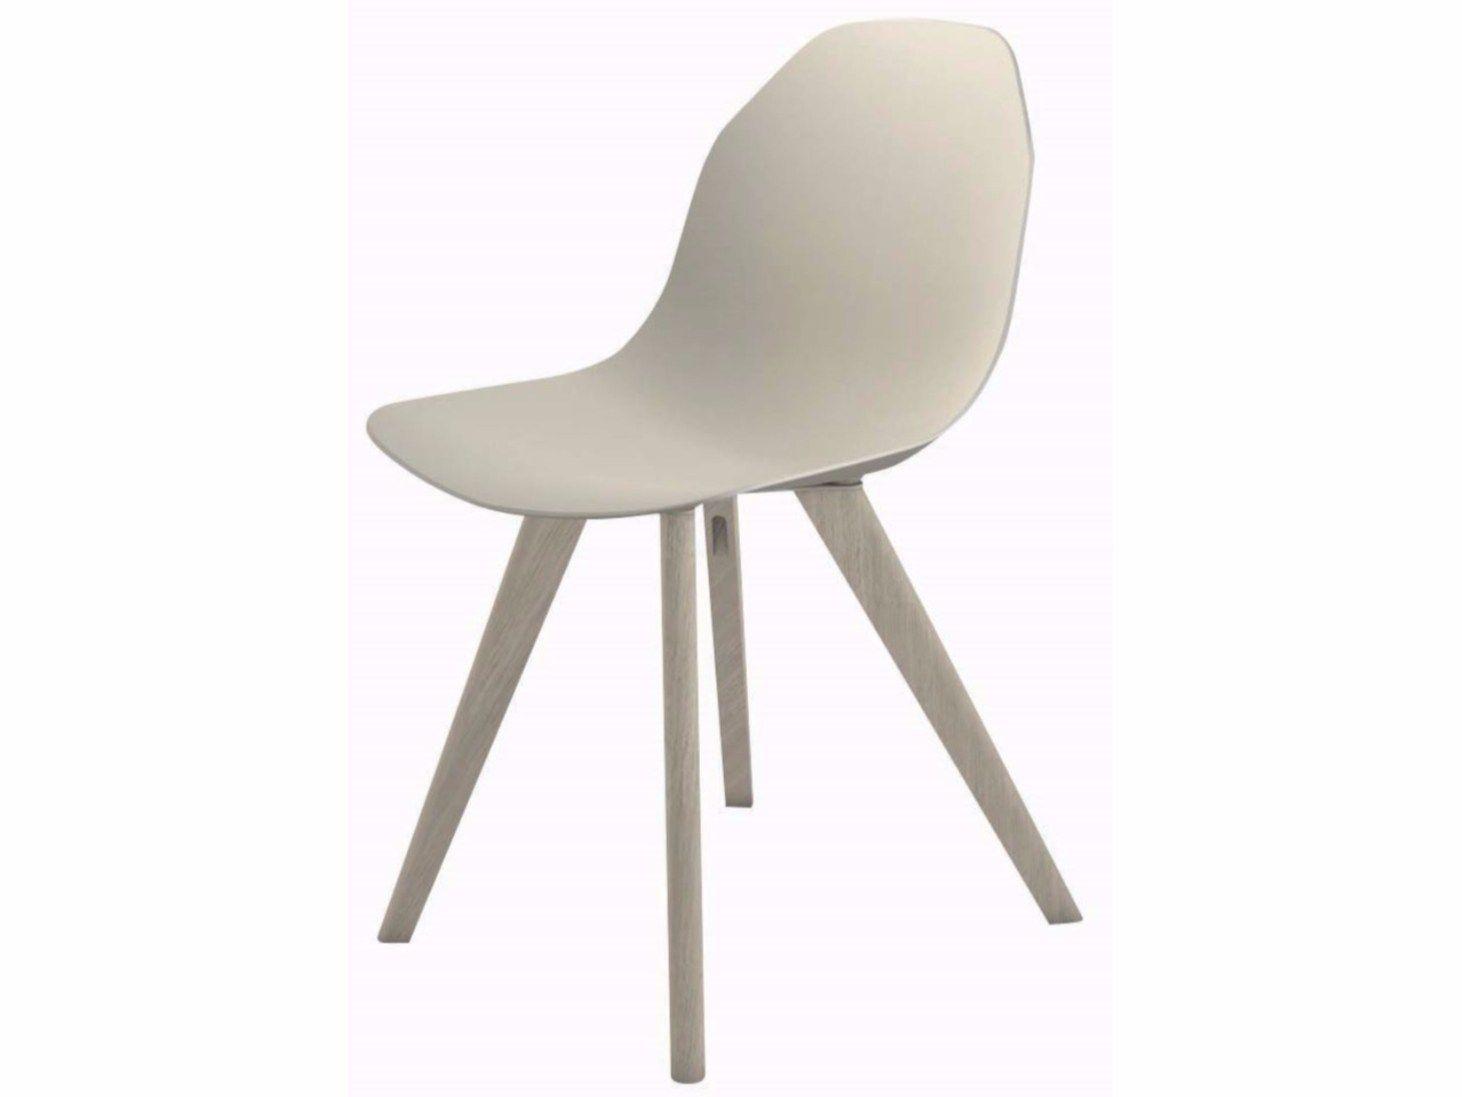 Tables et Chaises ROCHE BOBOIS | Archiproducts